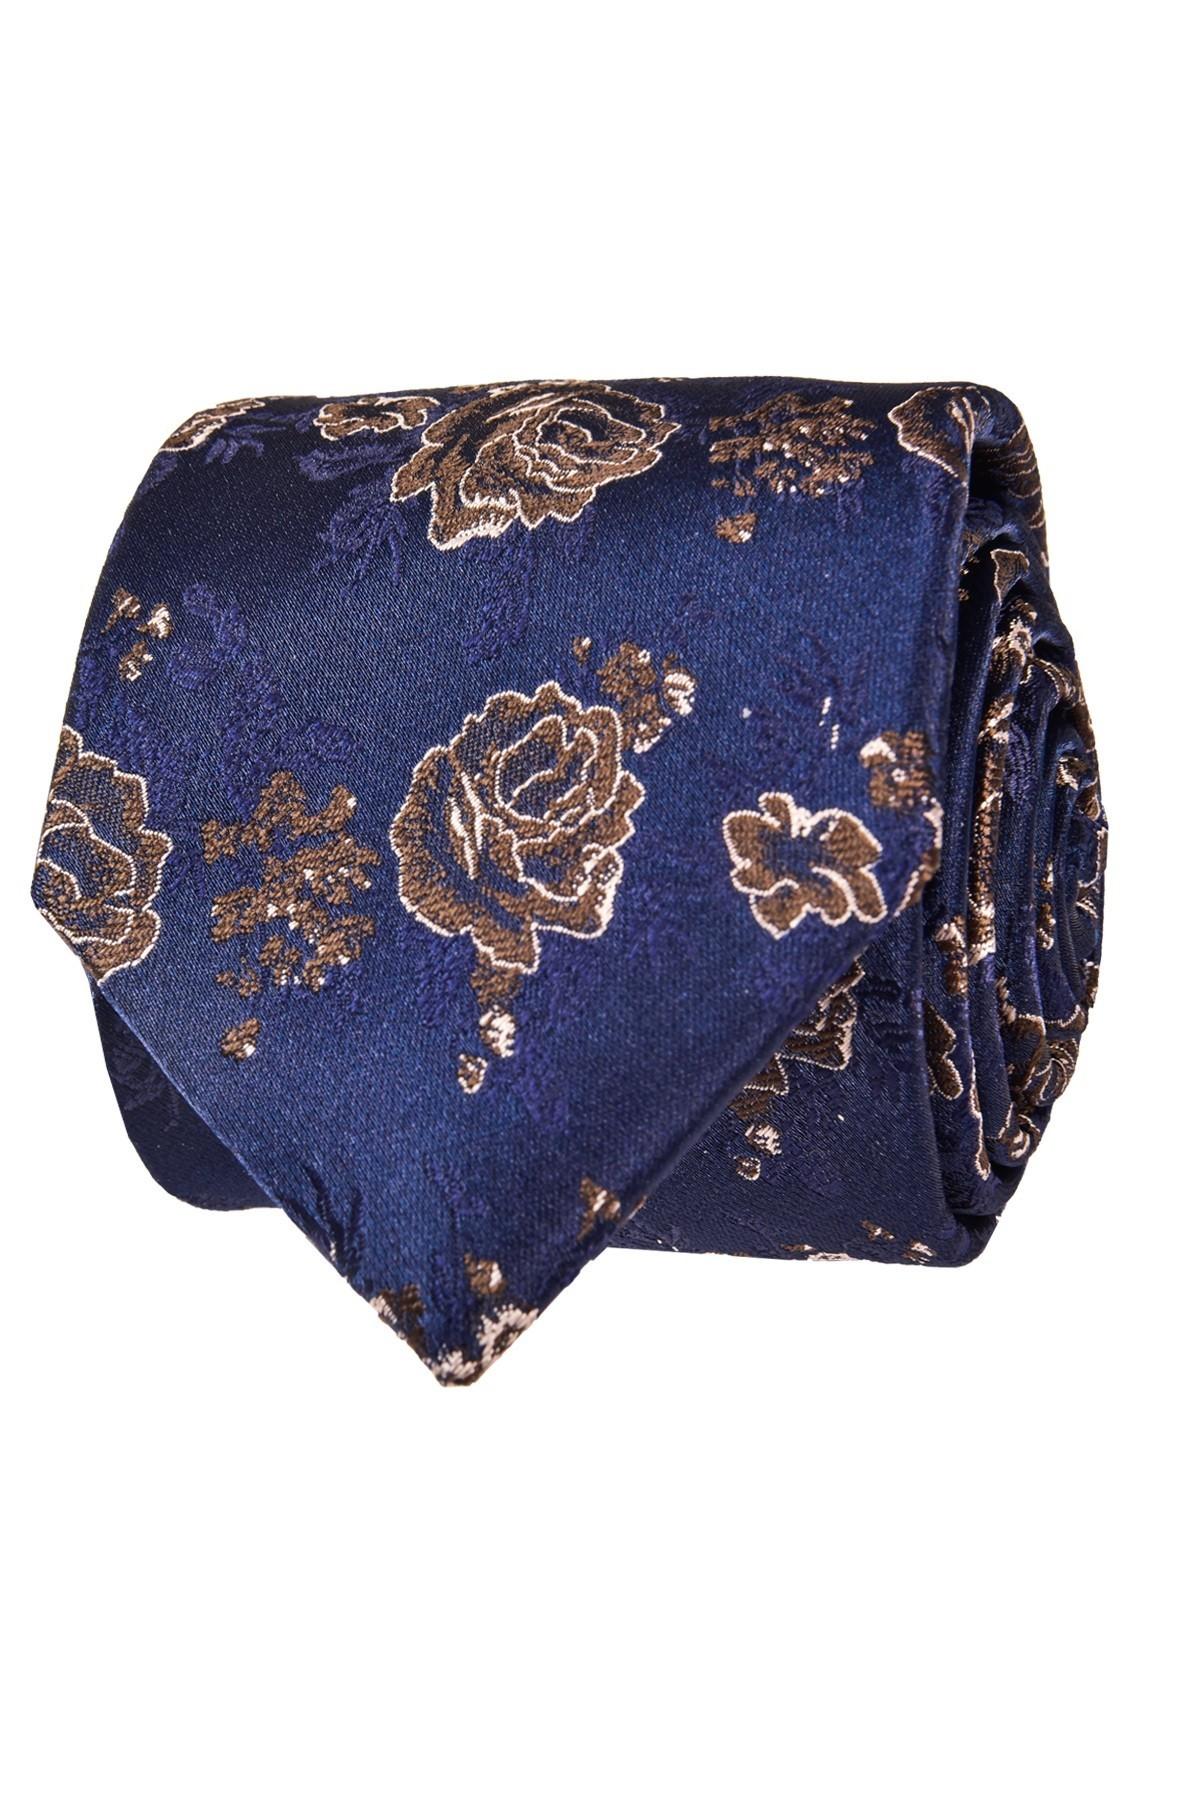 Granatowo brązowy krawat męski we wzory